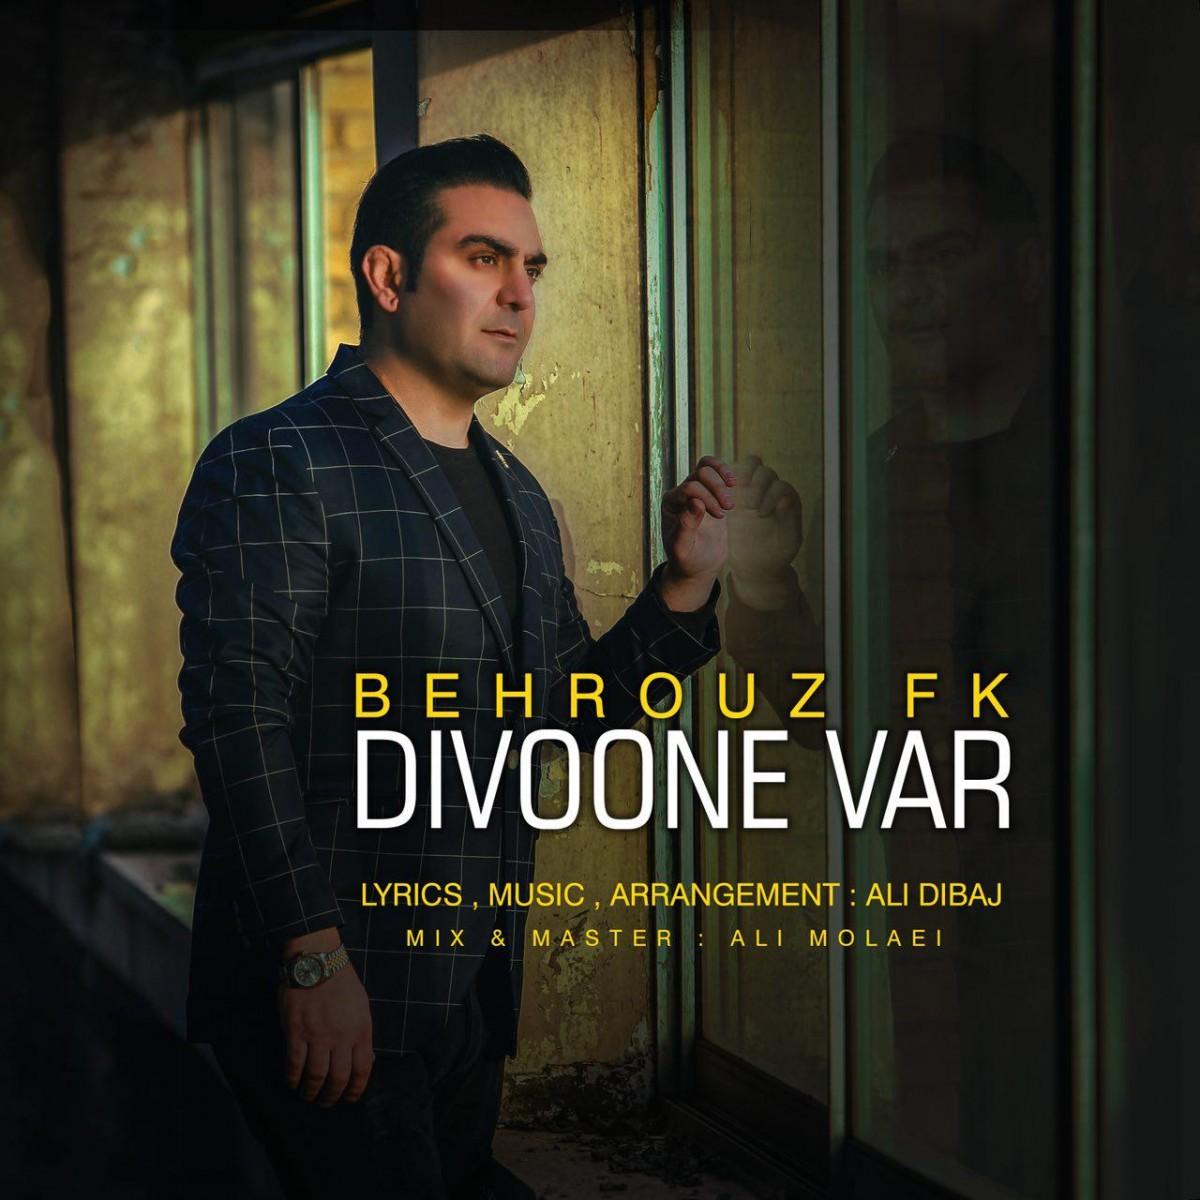 نامبر وان موزیک | دانلود آهنگ جدید Behrouz-FK-Divoone-Var